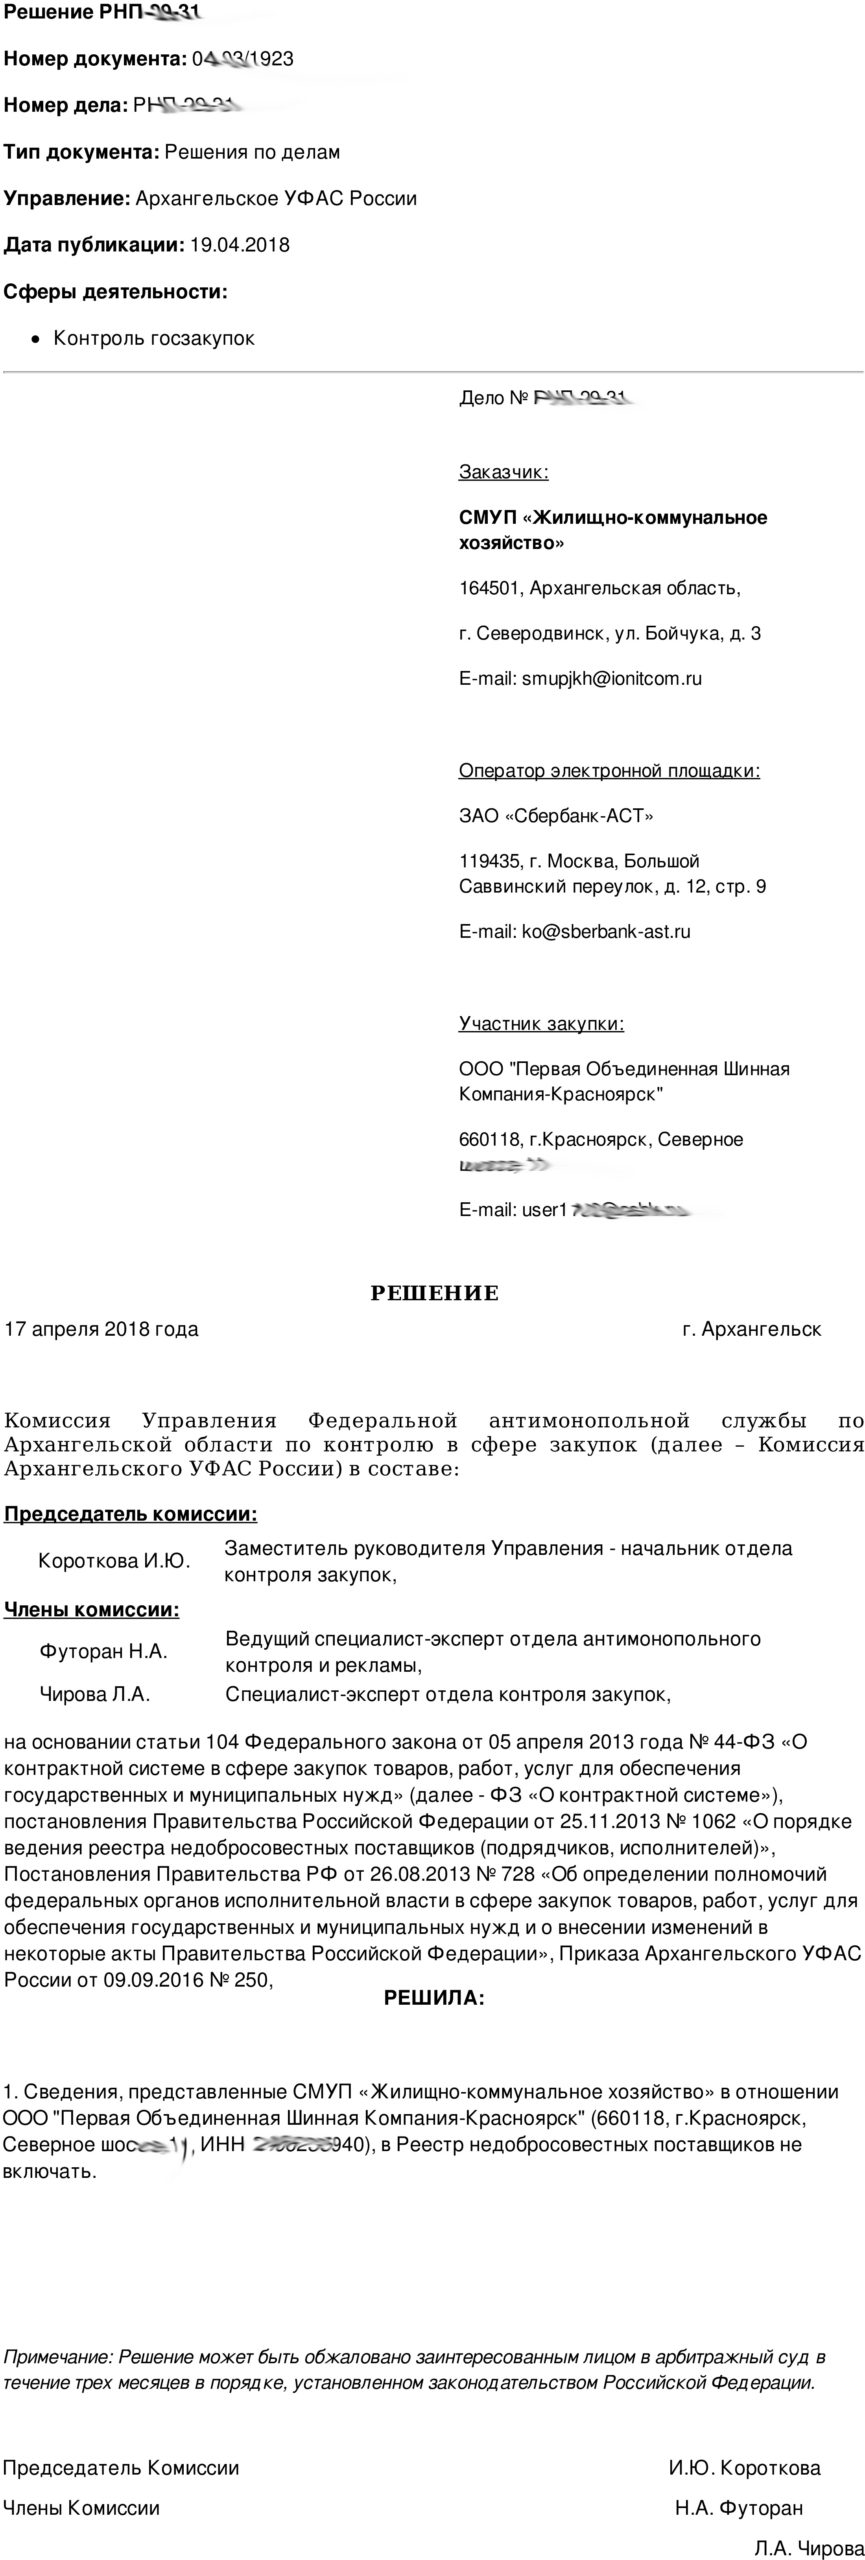 Архангельский УФАС ПОШК-Красноярск-1